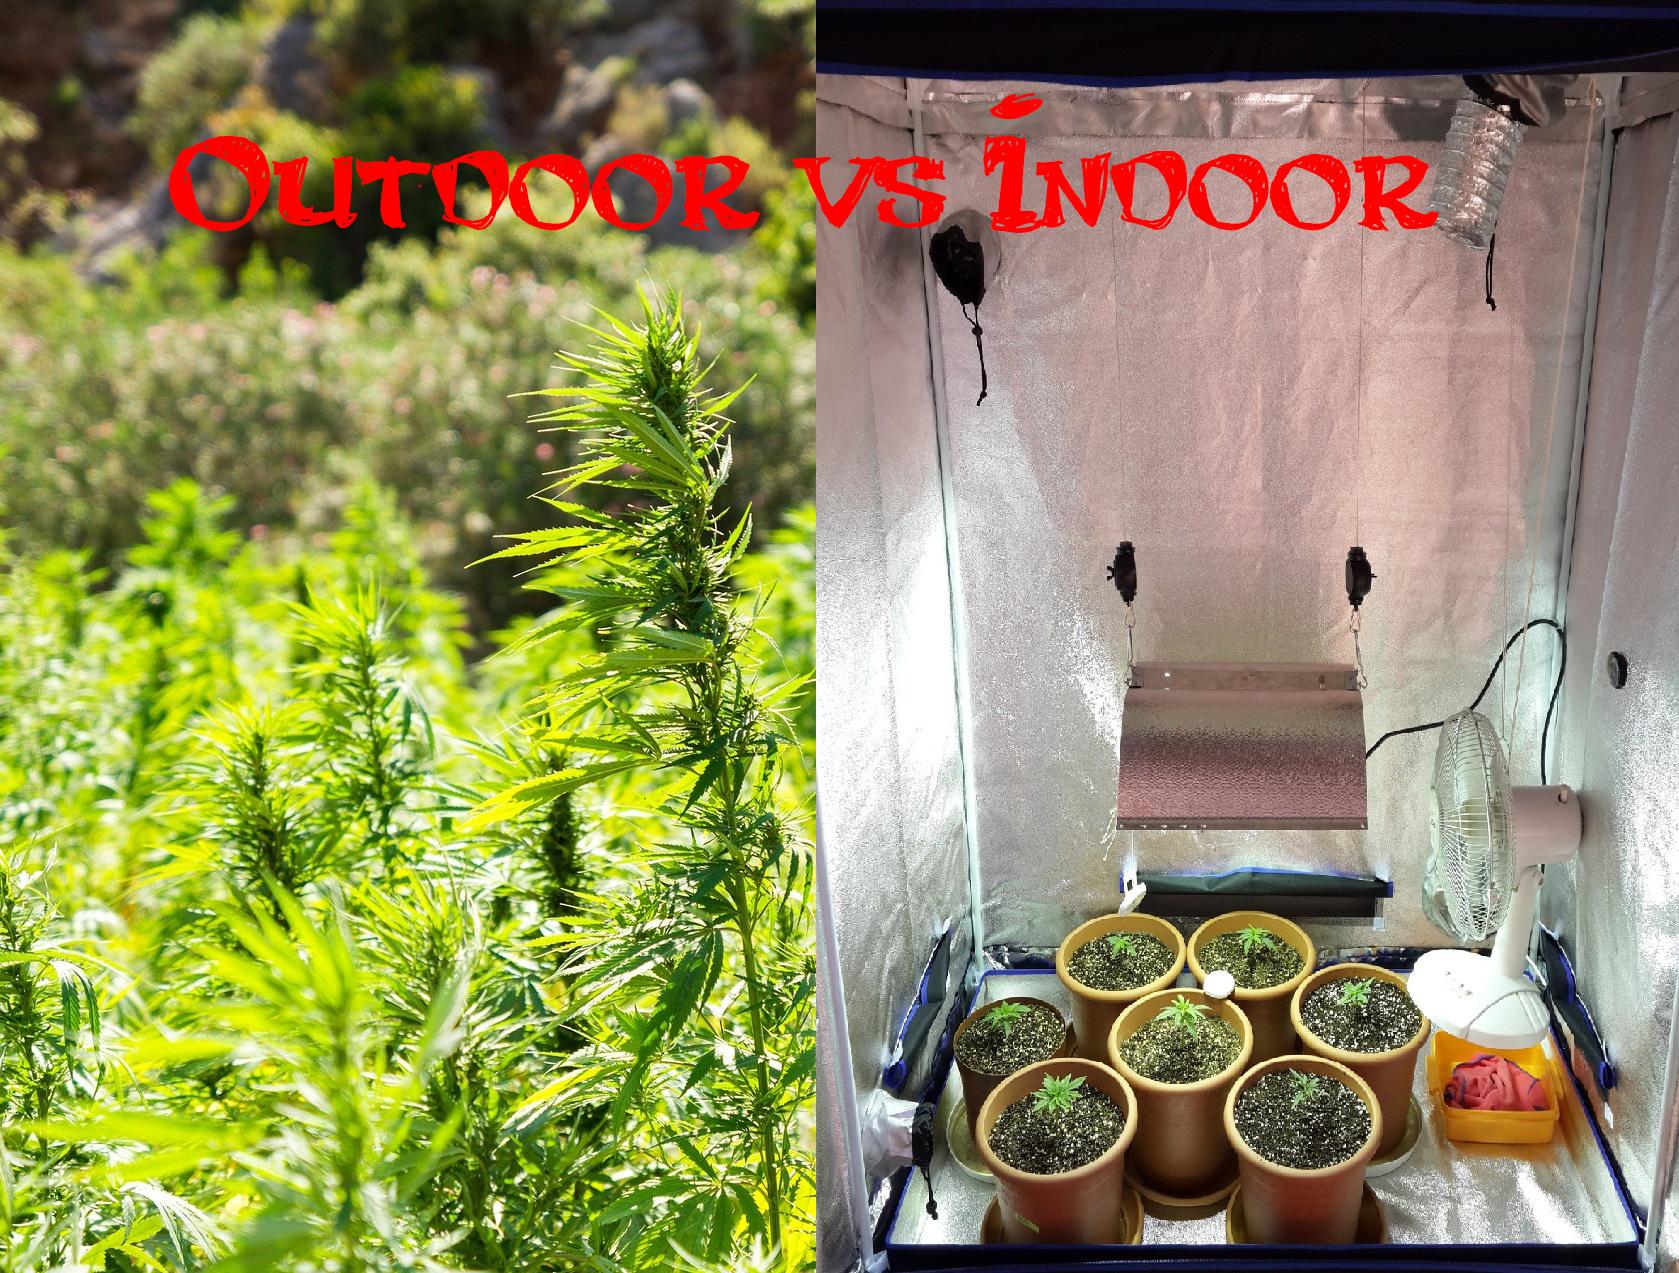 Pěstování konopí indoor vs outdoor - 3 hlavní rozdíly